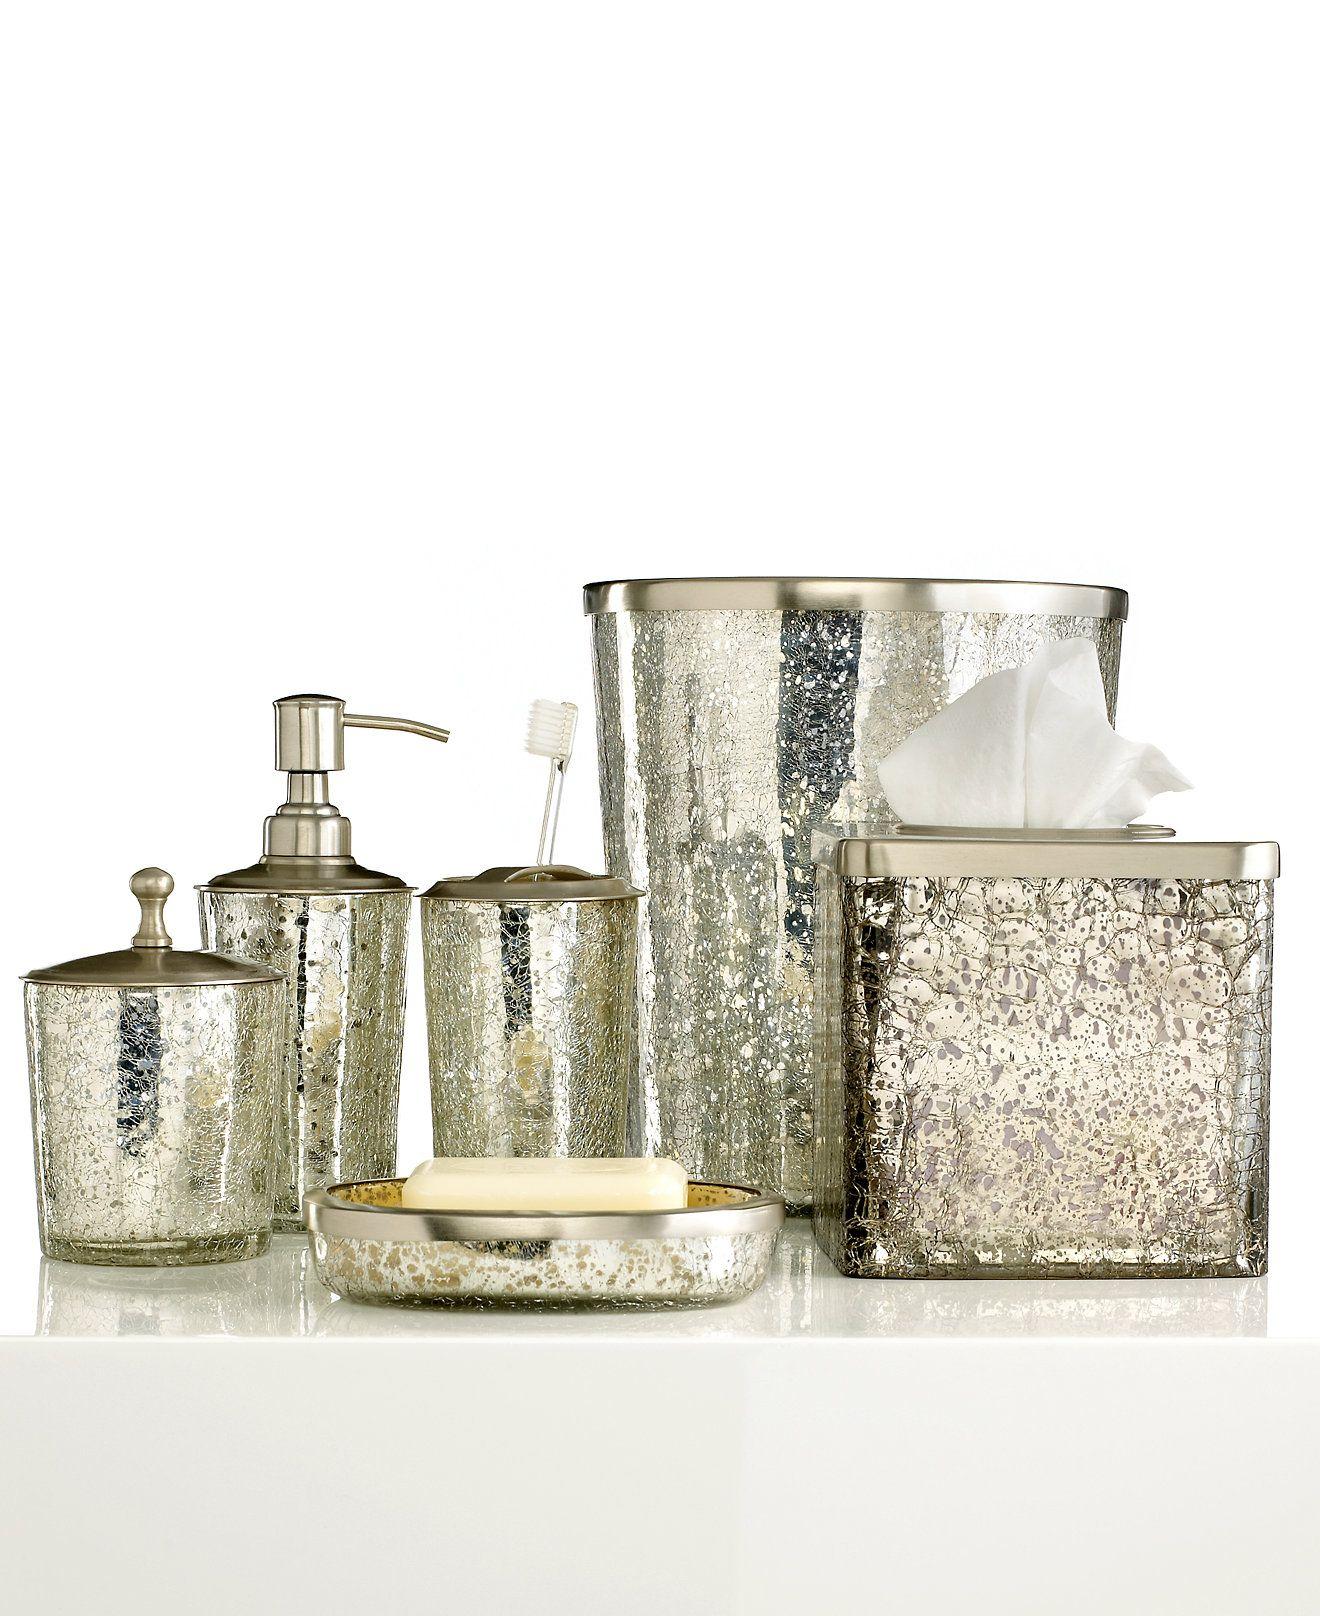 silver crackle bathroom accessories. Paradigm Bath Accessories  Crackle Glass Ice Collection Glass Accessories And Bathroom